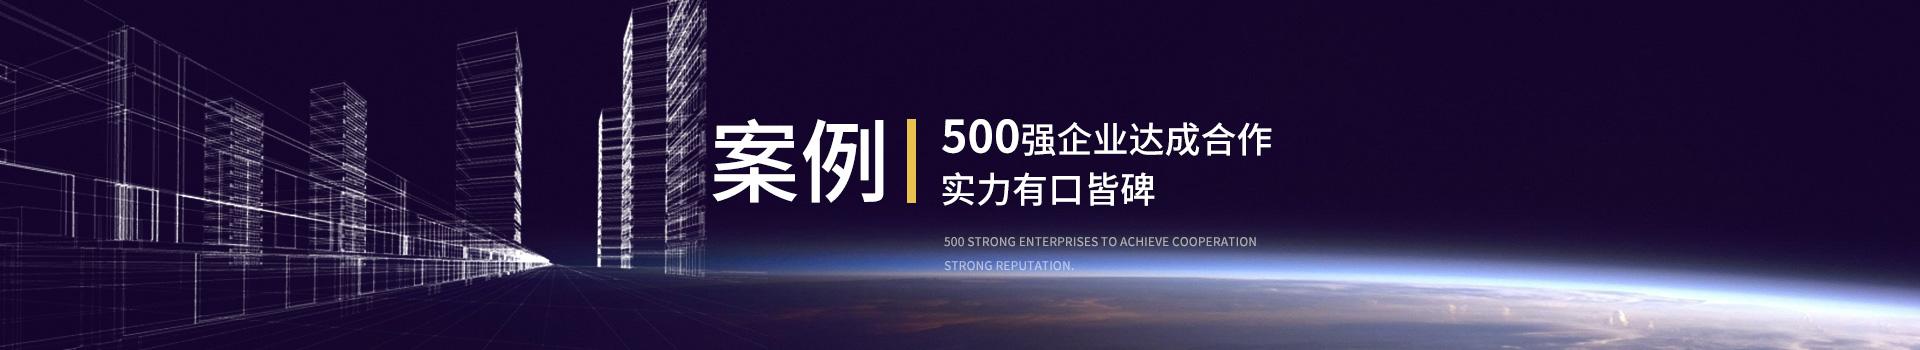 永衡关务-500强企业达成合作,实力有口皆碑